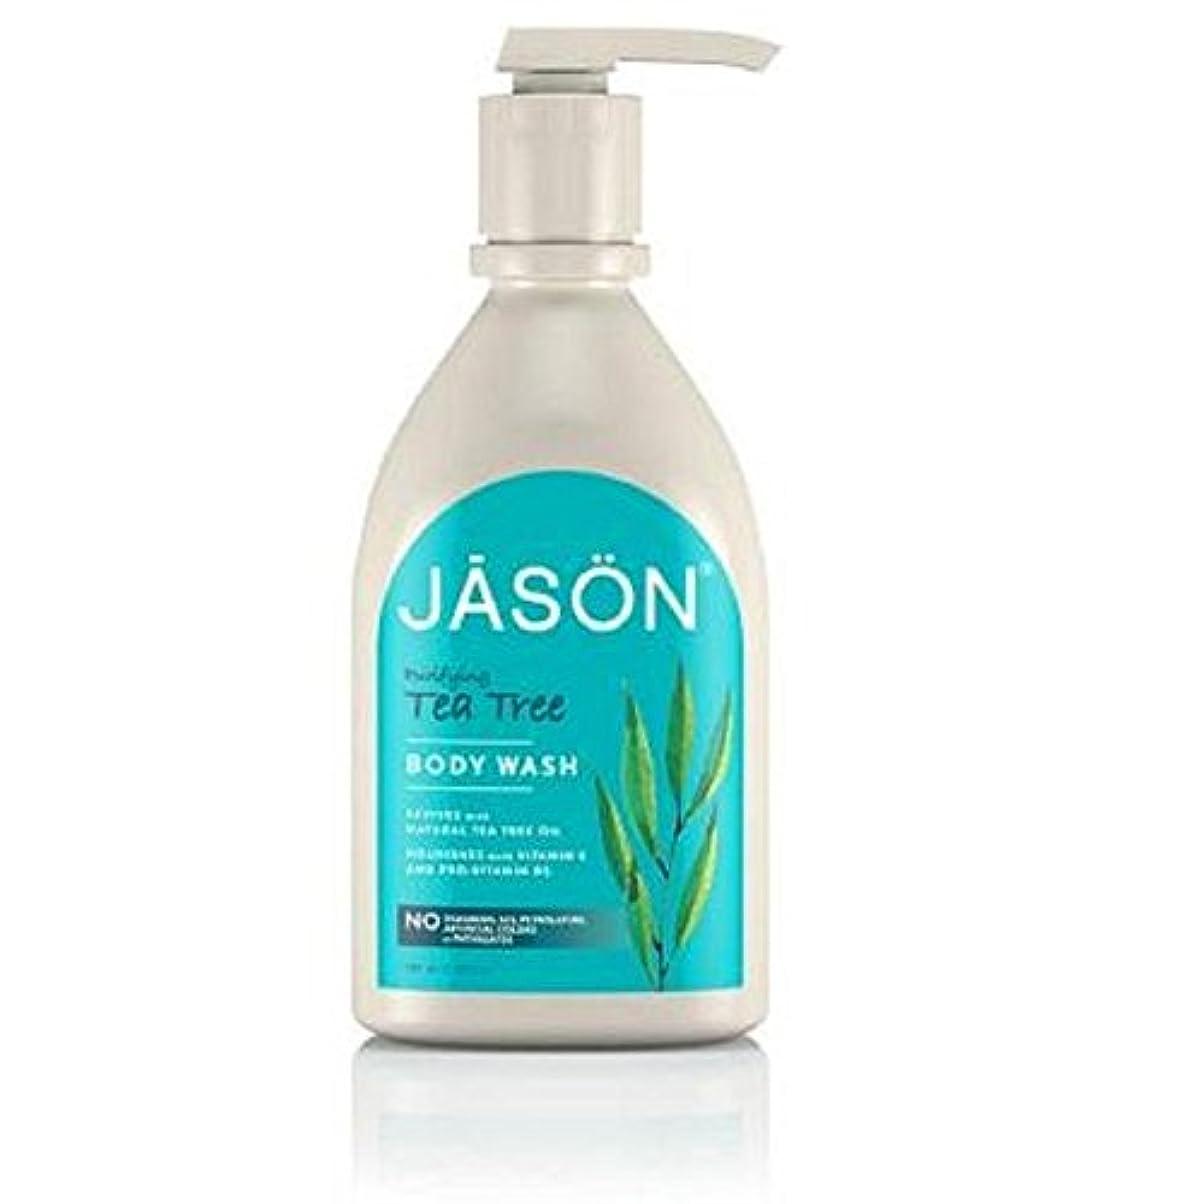 先生注釈を付ける蒸発するジェイソン・ティーツリーサテンボディウォッシュポンプ900ミリリットル x4 - Jason Tea Tree Satin Body Wash Pump 900ml (Pack of 4) [並行輸入品]